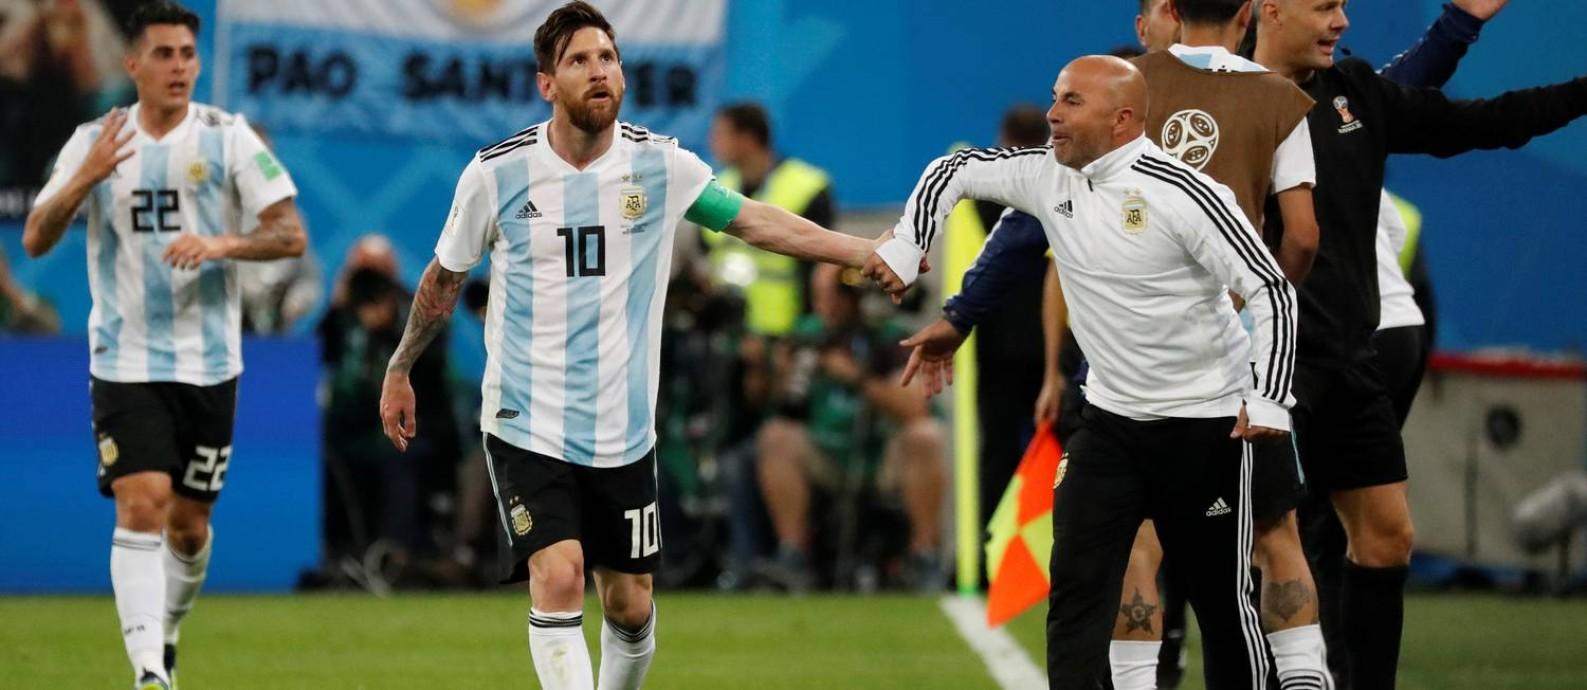 Messi comemora o segundo gol argentino com o técnico Jorge Sampaoli Foto: TORU HANAI / REUTERS